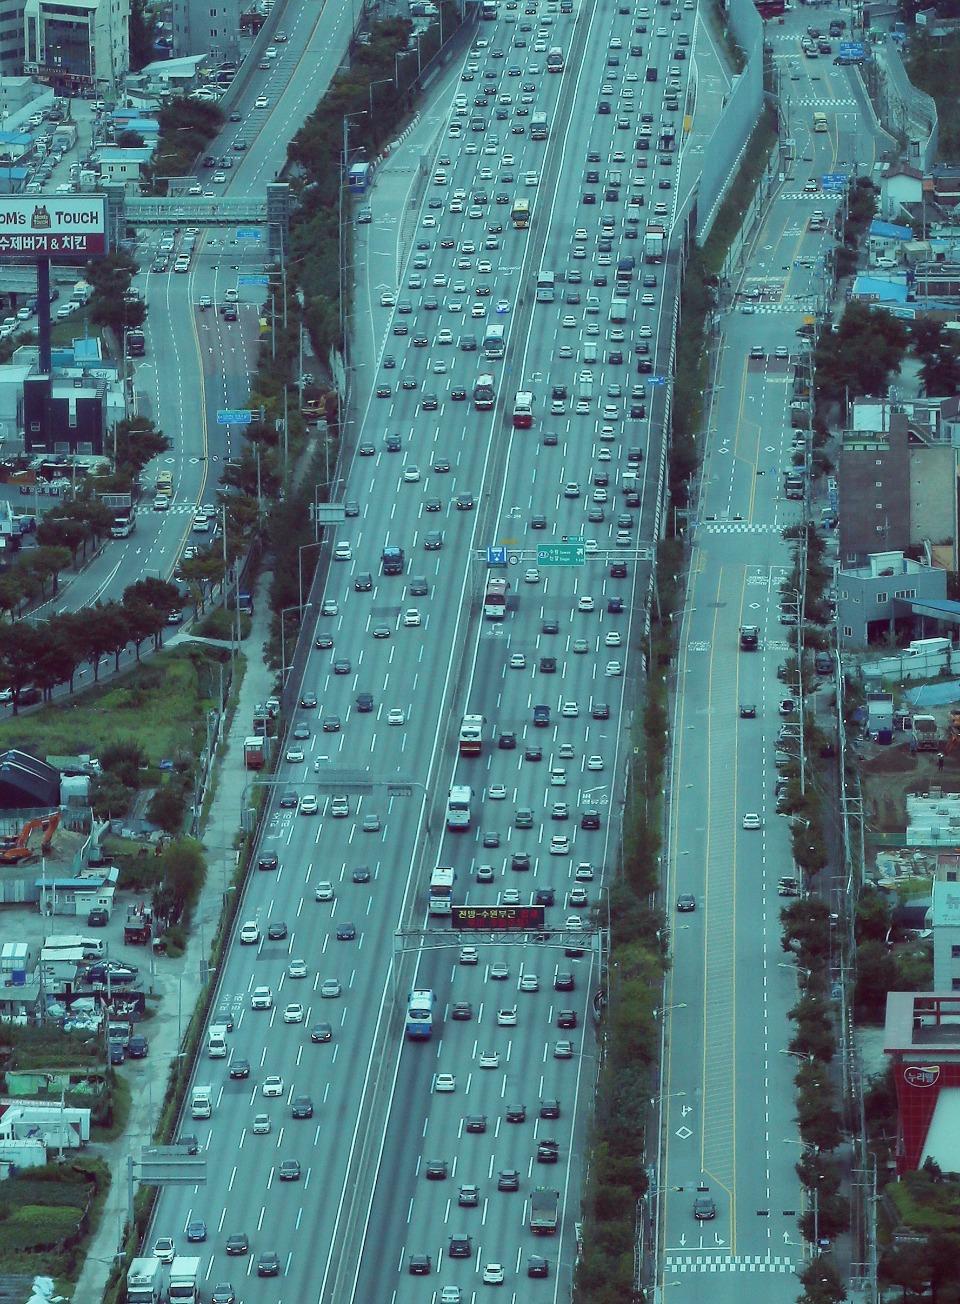 추석 연휴를 하루 앞둔 11일 오후 본격적인 귀성이 시작되면서 경찰청 헬기에서 본 서평택 인근 서해안고속도로와 신갈IC 인근 경부고속도로의 차량이 점차 증가하고 있다.(신갈IC 인근 경부고속도로)